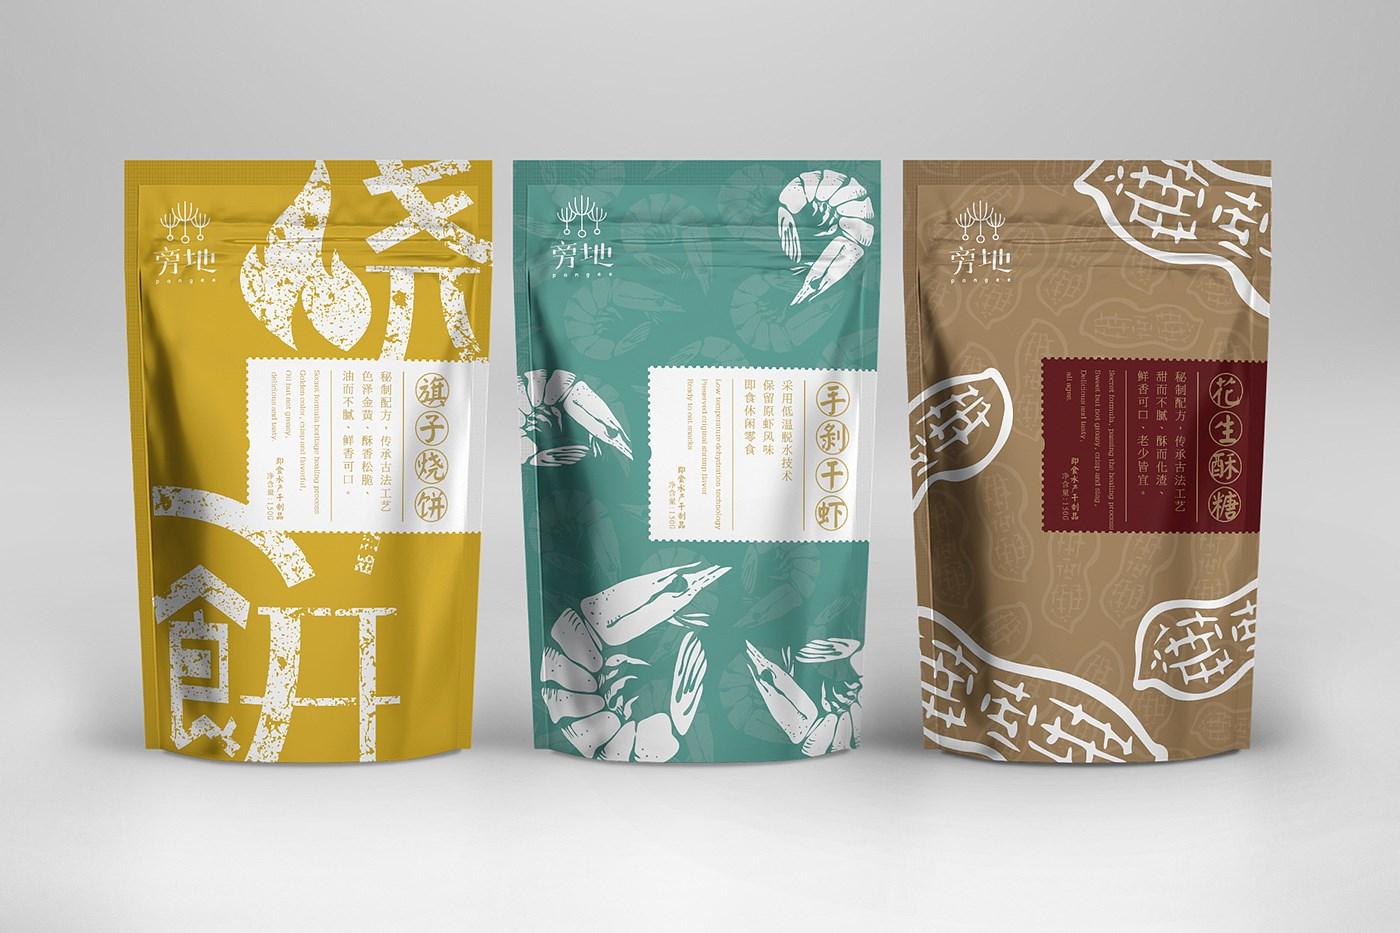 农产品包装设计,烧饼包装,食品包装设计